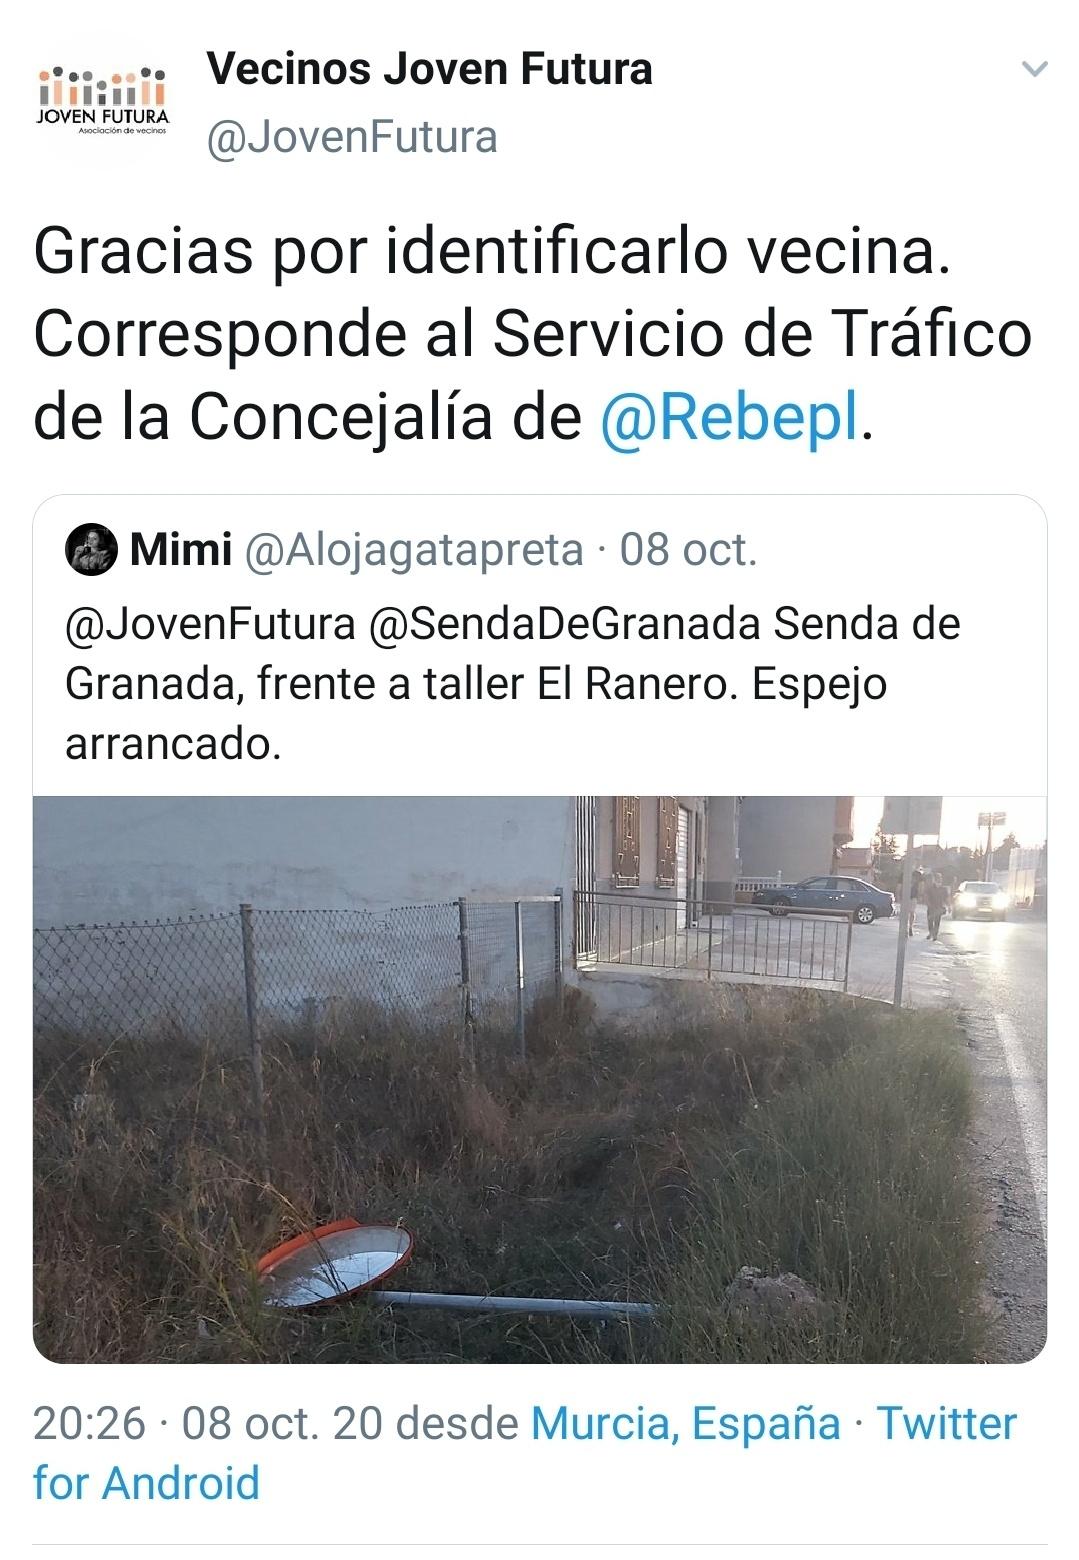 18-10-08 Captura twitter mimi y Joven futura sobre señal tráfico en Senda de Granada